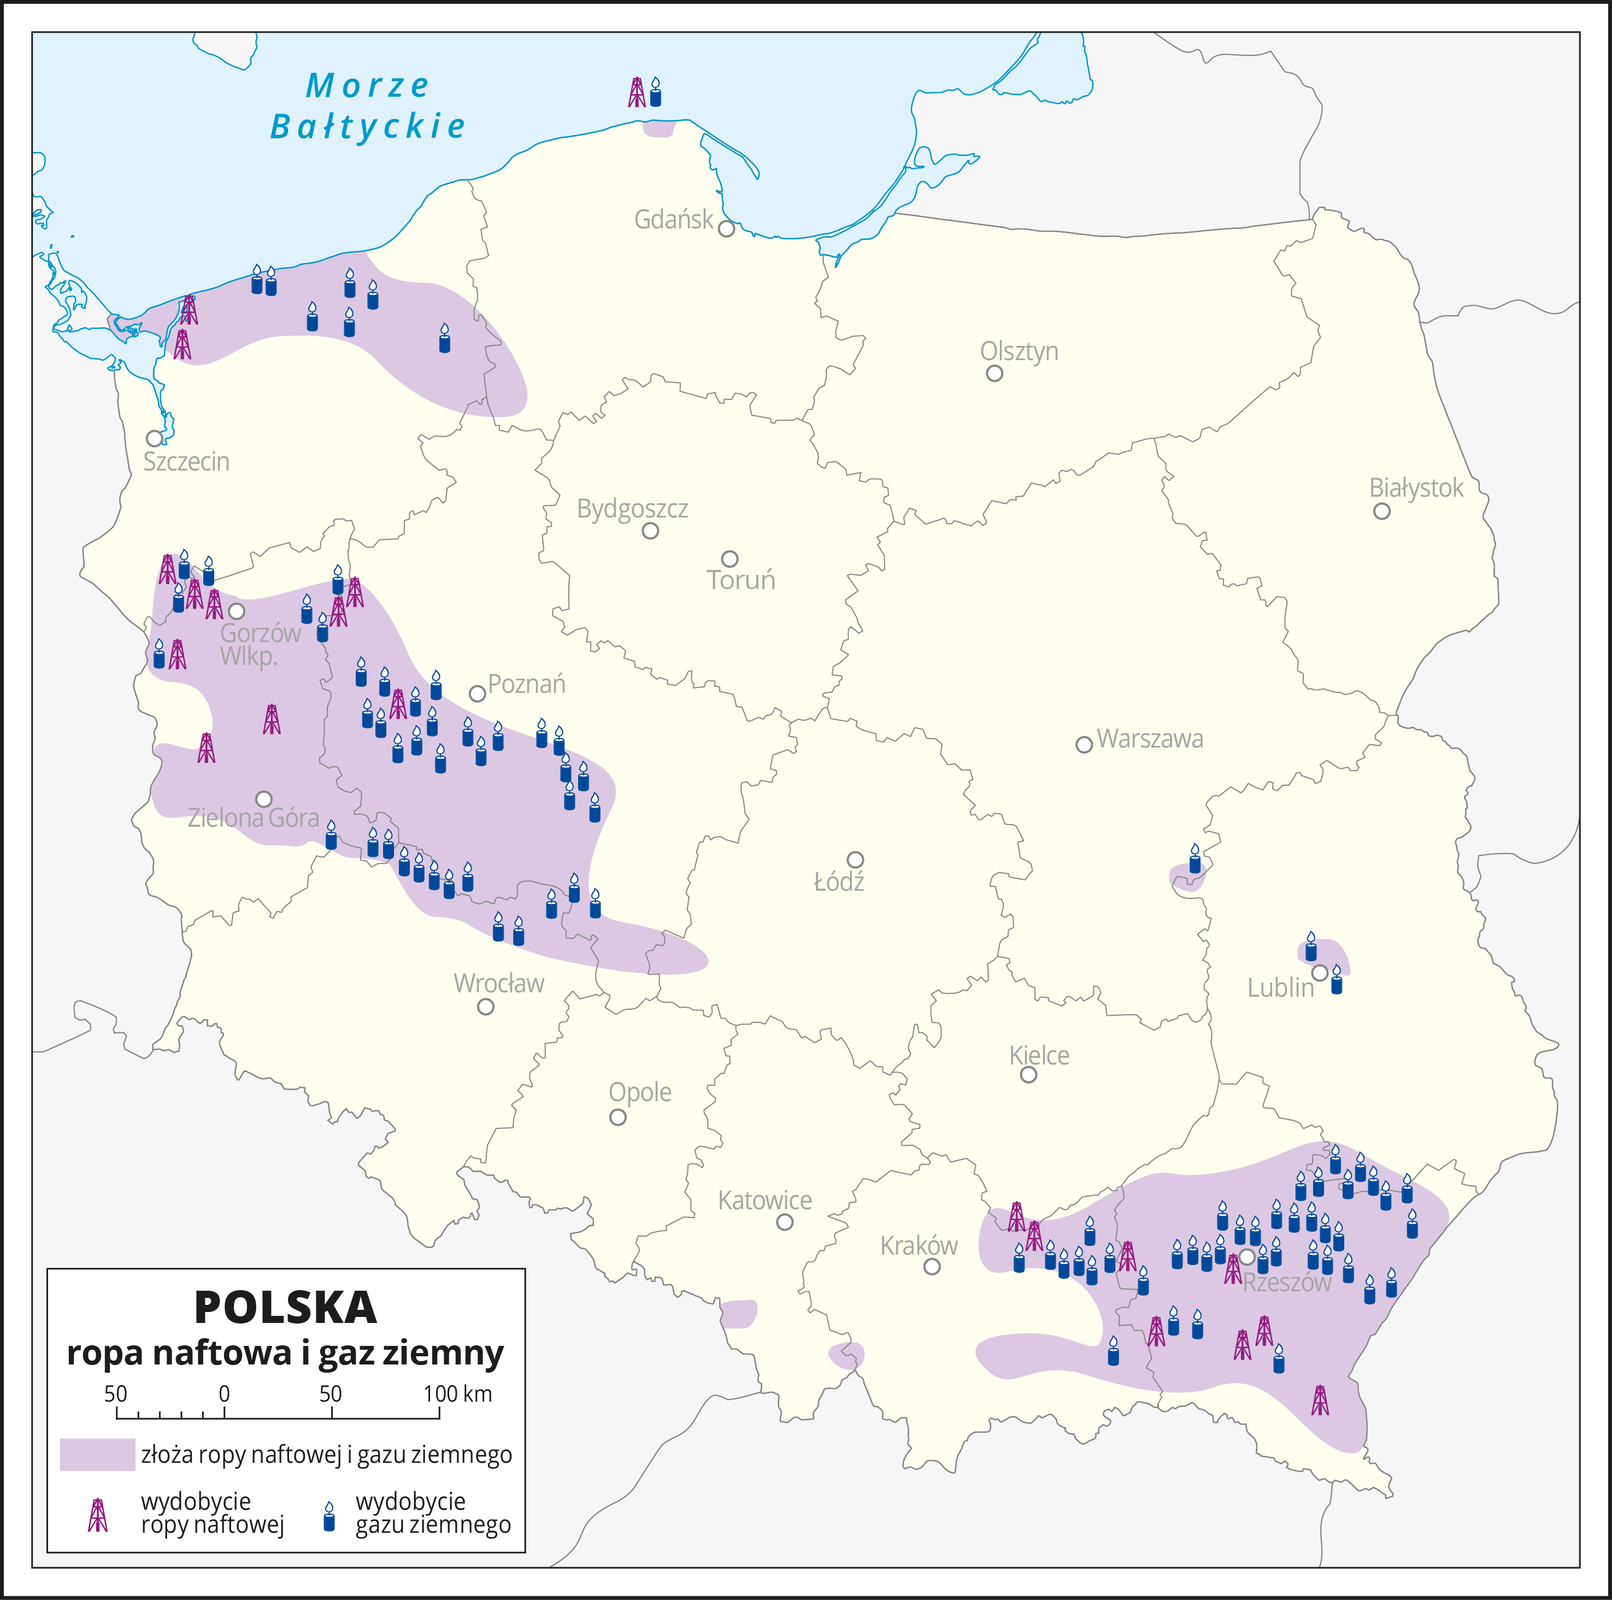 Ilustracja przedstawia mapę Polski zpodziałem na województwa. Oznaczono iopisano główne miasta. Na mapie kolorem fioletowym zaznaczono obszary, na których występują złoża ropy naftowej igazu ziemnego. Za pomocą sygnatur oznaczono miejsca ich wydobycia. Pokrywają się one zmiejscem występowania złóż. Ropa naftowa igaz ziemny występują isą wydobywane wwojewództwie podkarpackim, lubuskim, wśrodkowej części województwa wielkopolskiego, północnej części województwa zachodnio-pomorskiego oraz wpółnocnej części województwa dolnośląskiego. Przeważa wydobycie gazu ziemnego. Na dole mapy wlegendzie opisano znaki użyte na mapie.